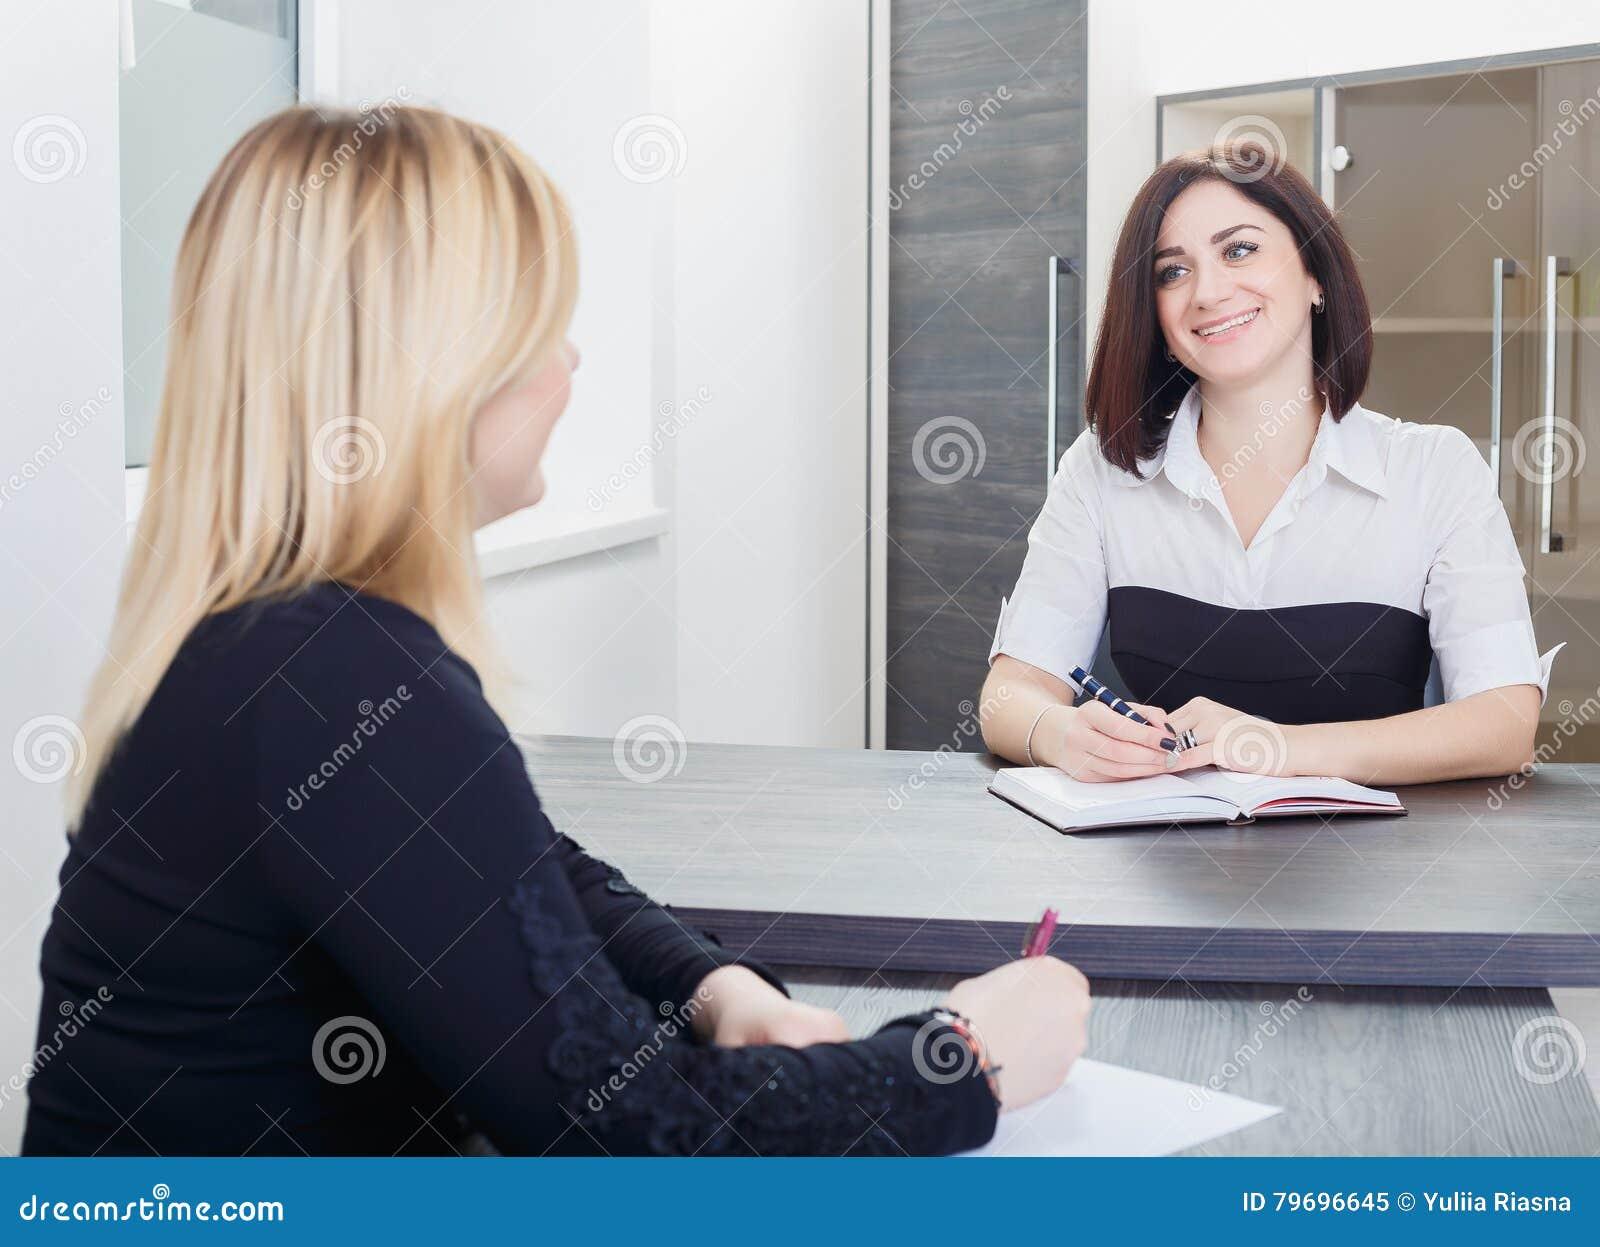 Δύο γυναίκες που κάθονται σε έναν πίνακα στο γραφείο Ξανθός και brunette στη συνέντευξη εργασίας, ή συνεδρίαση